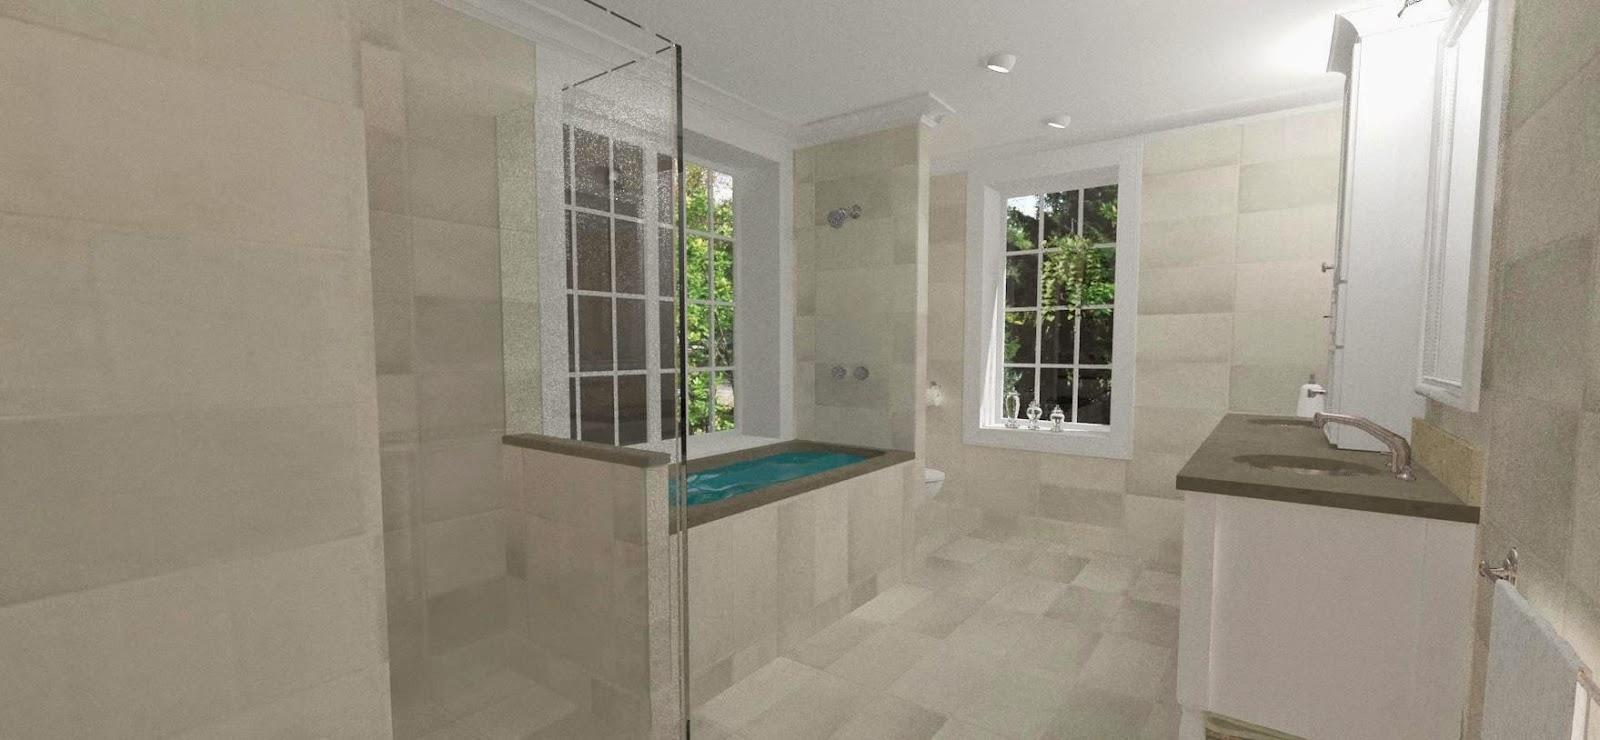 Bygga badrum på liten yta ~ Xellen.com